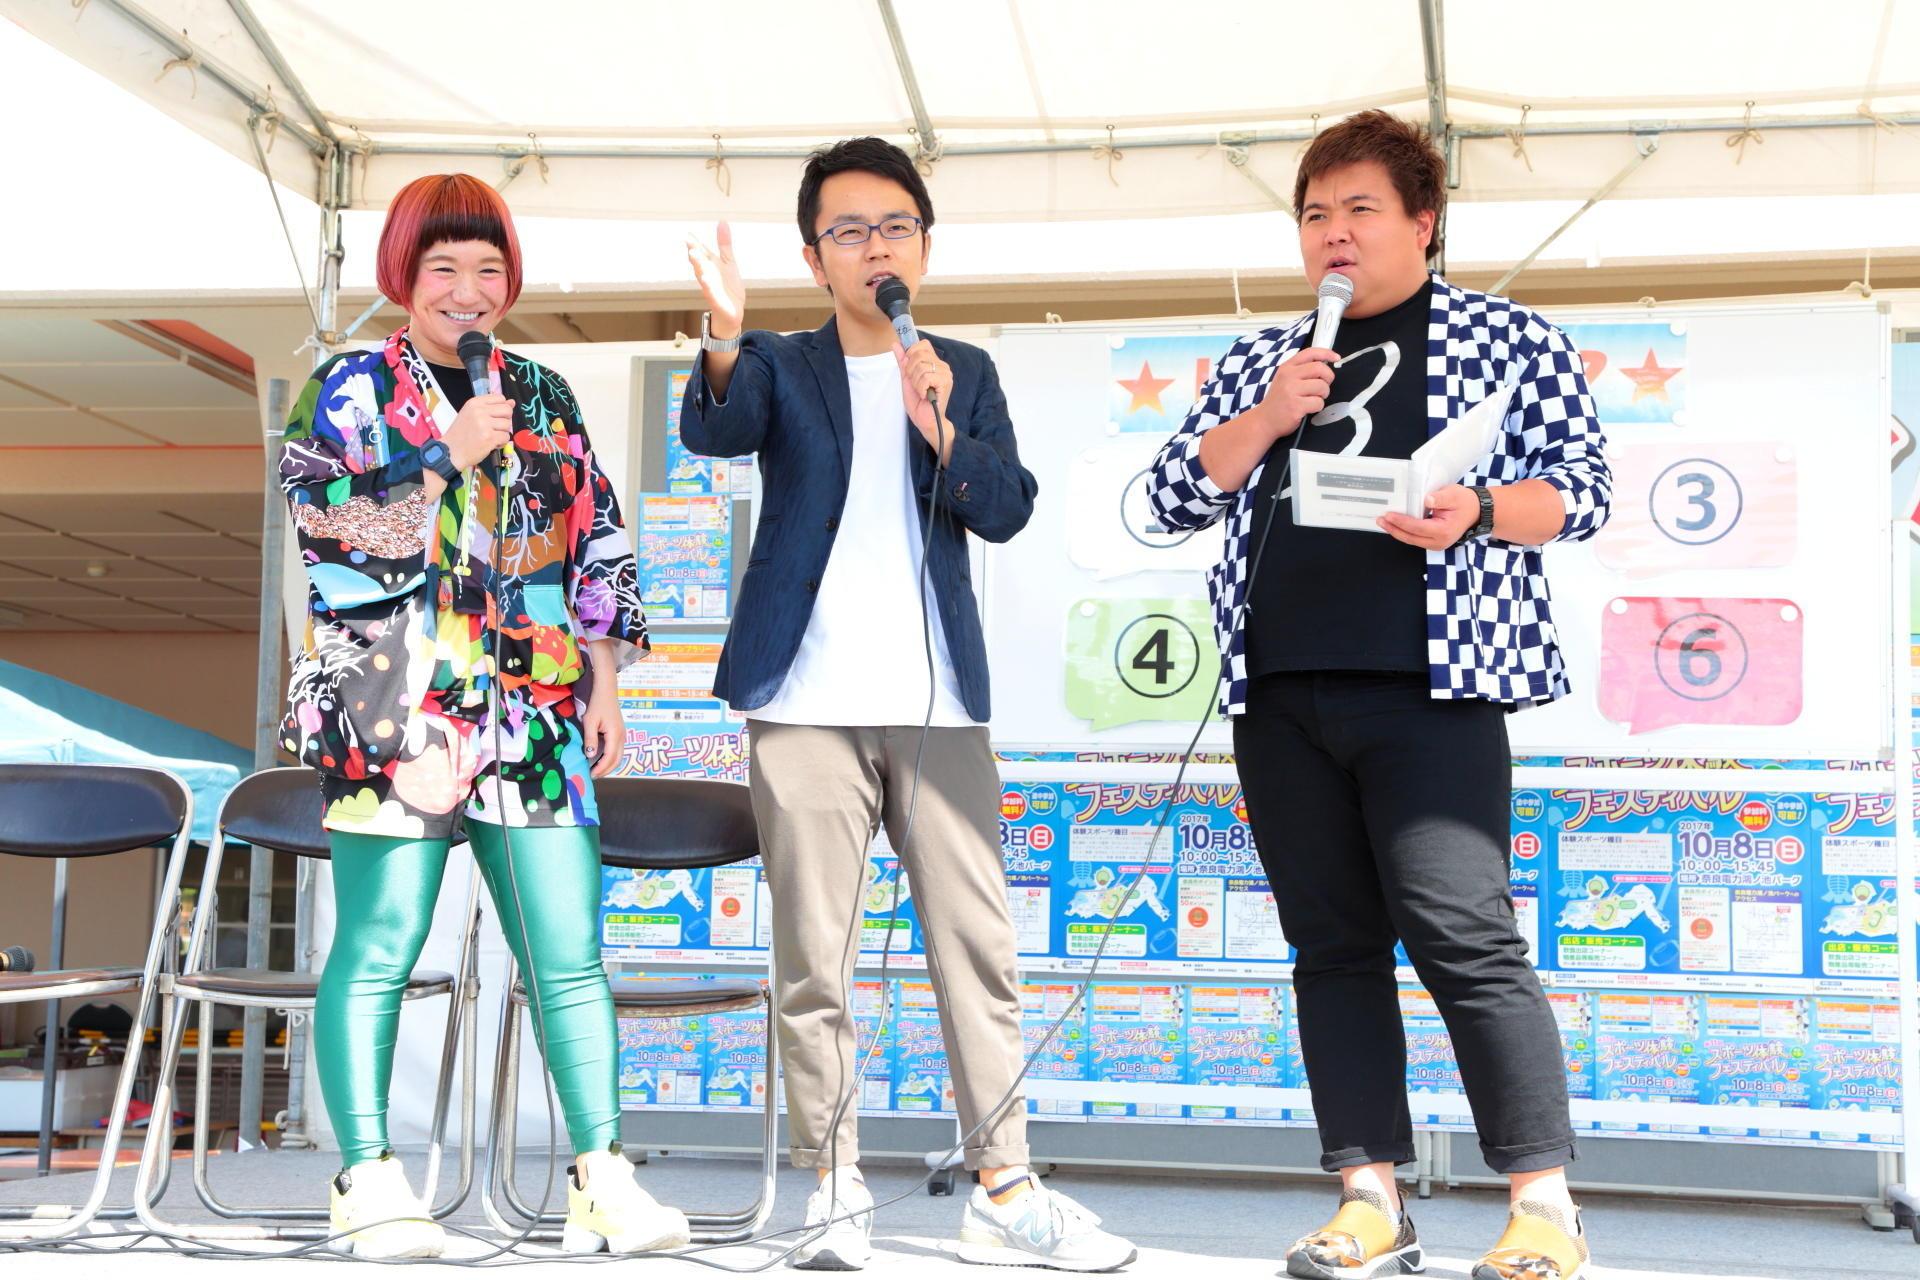 http://news.yoshimoto.co.jp/20171013012218-cd91fecf0607f11e1ec7b69fc98763e910fc00ce.jpg